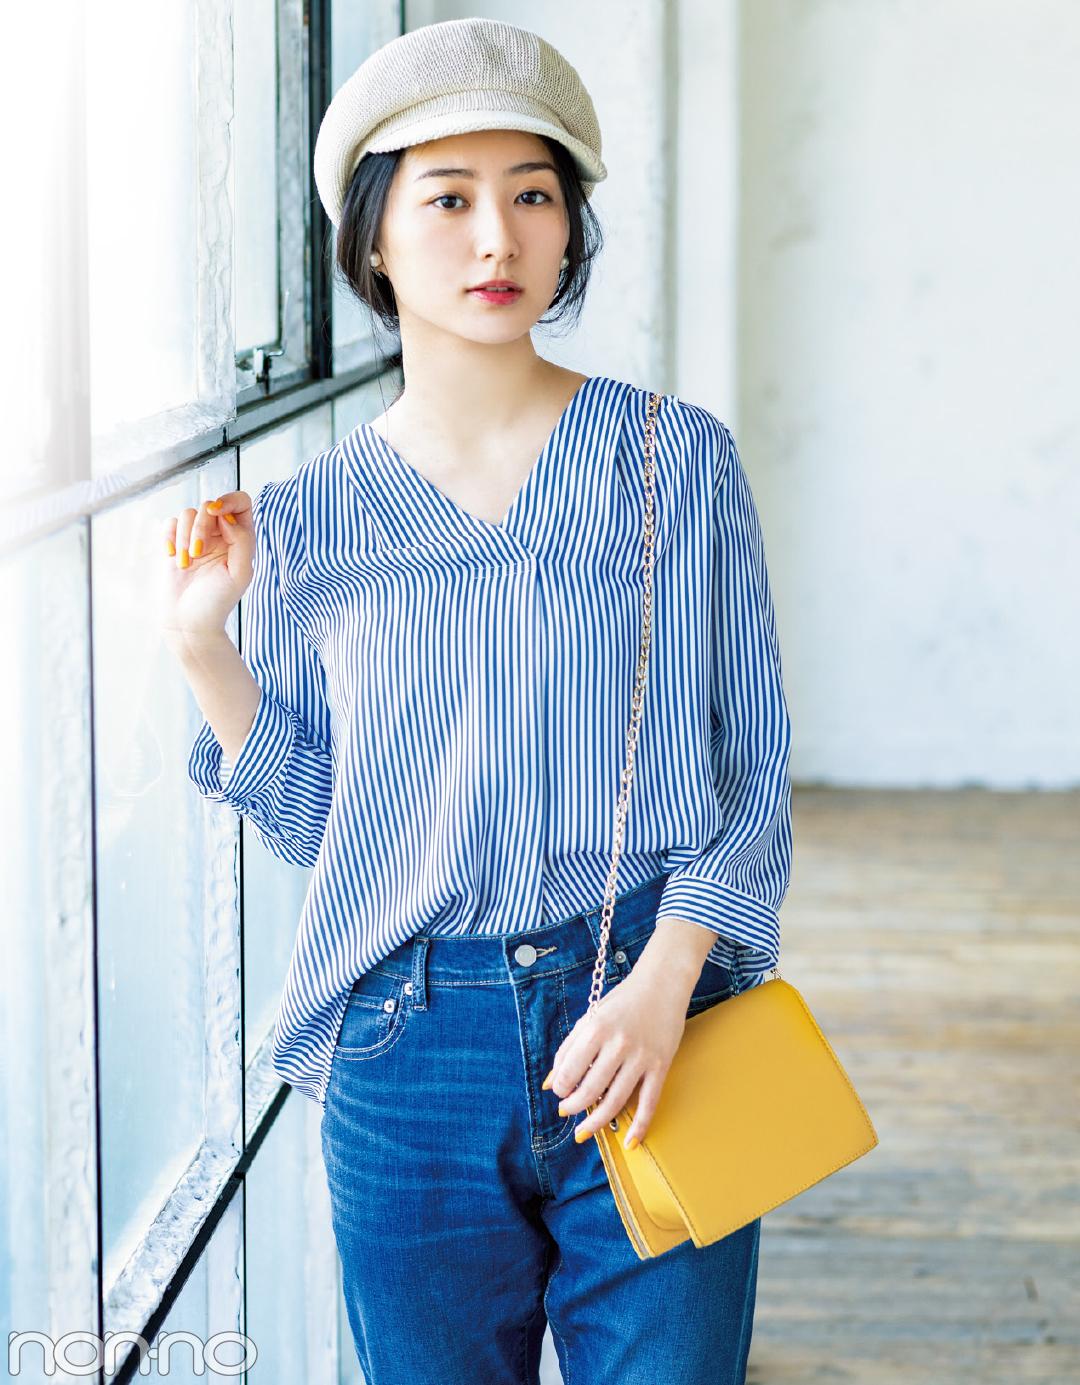 【夏のシャツコーデ】高田里穂は、ノーカラースキッパーで今っぽさ満点にコーデ